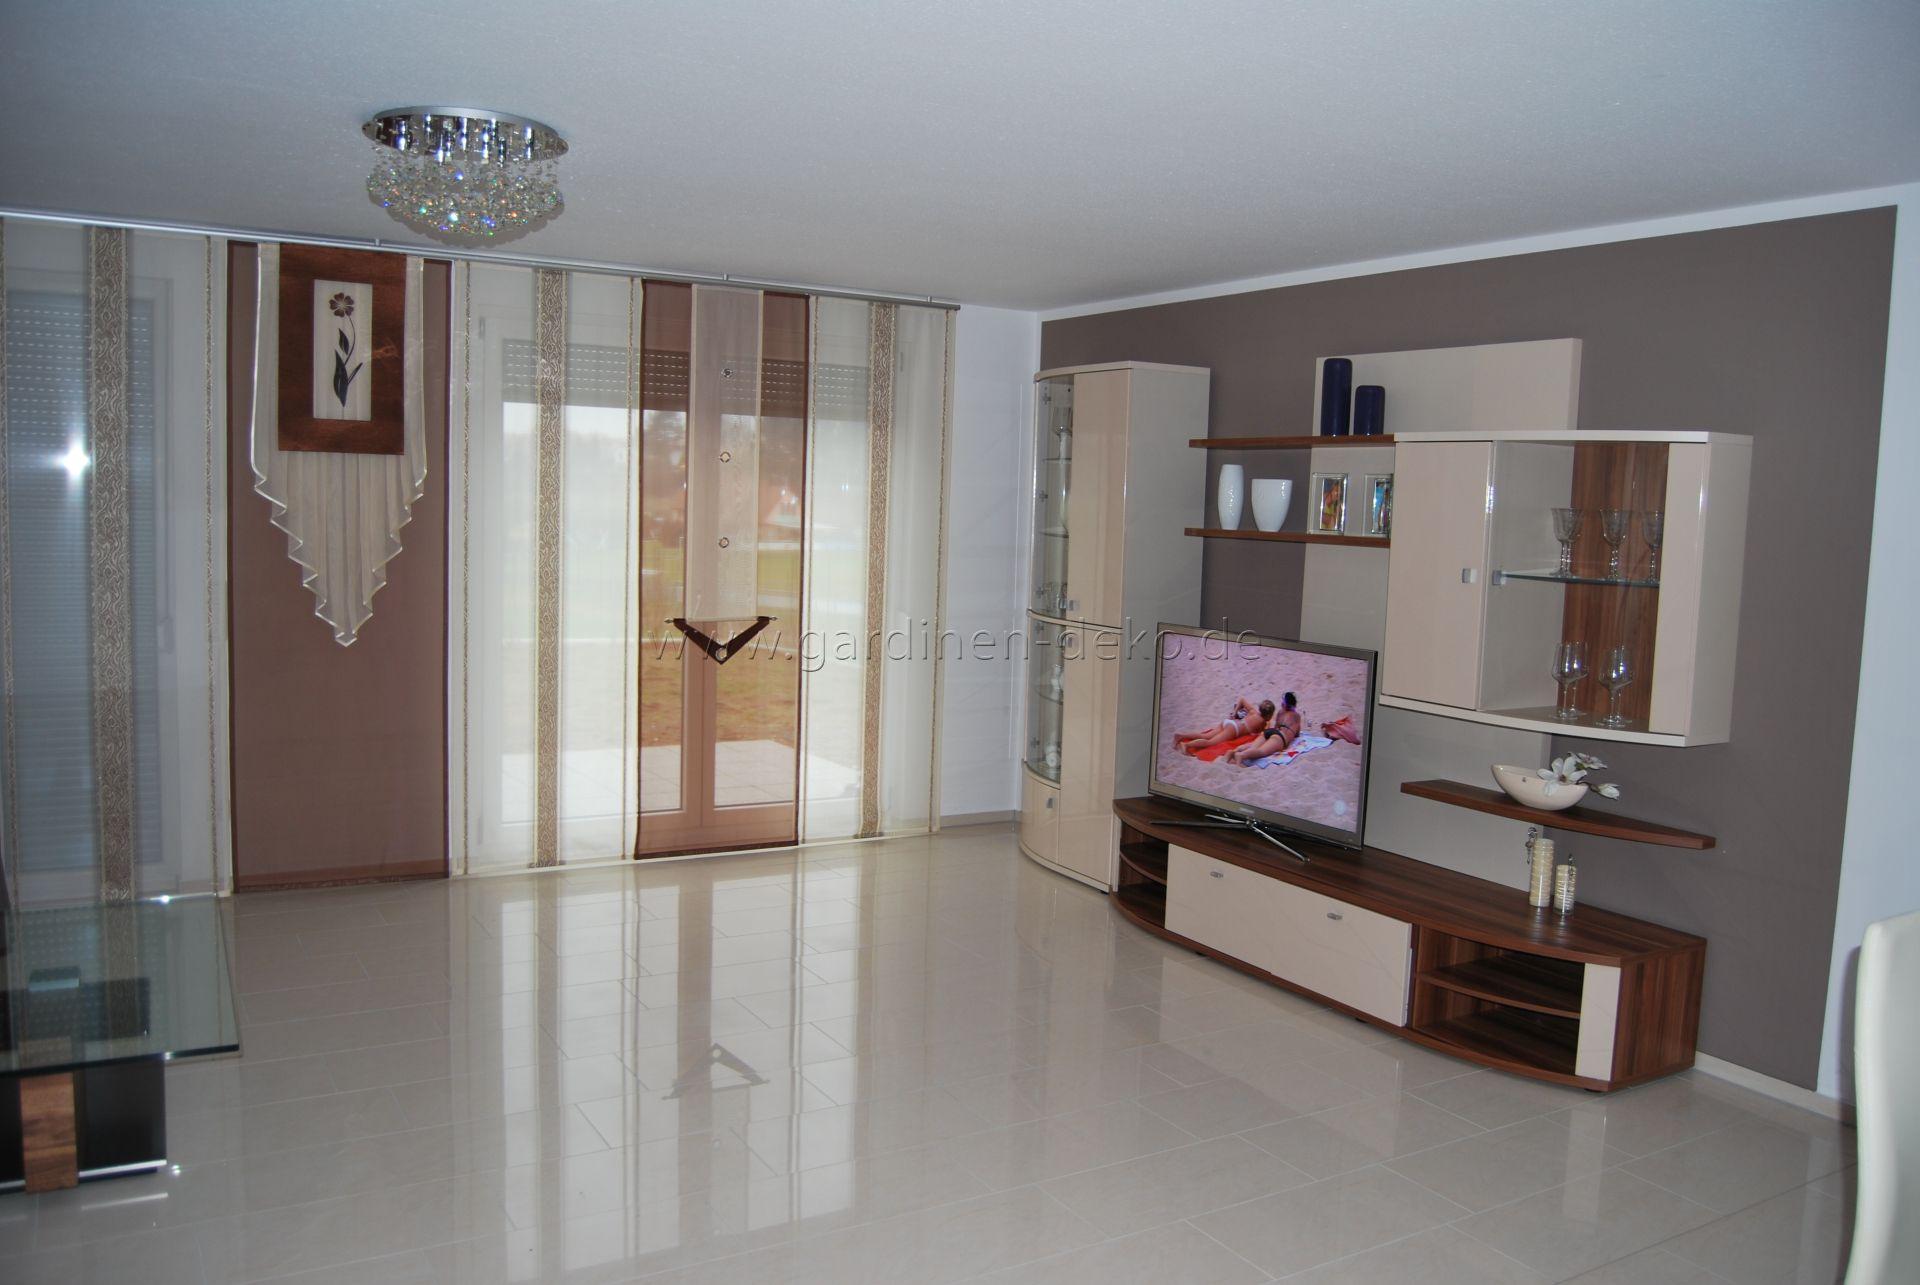 Beige-brauner Schiebevorhang fürs Wohnzimmer mit Blumenelement und Ösen - http://www.gardinen-deko.de/beige-brauner-schiebevorhang-fuers-wohnzimmer-mit-blumenelement-und-oesen/